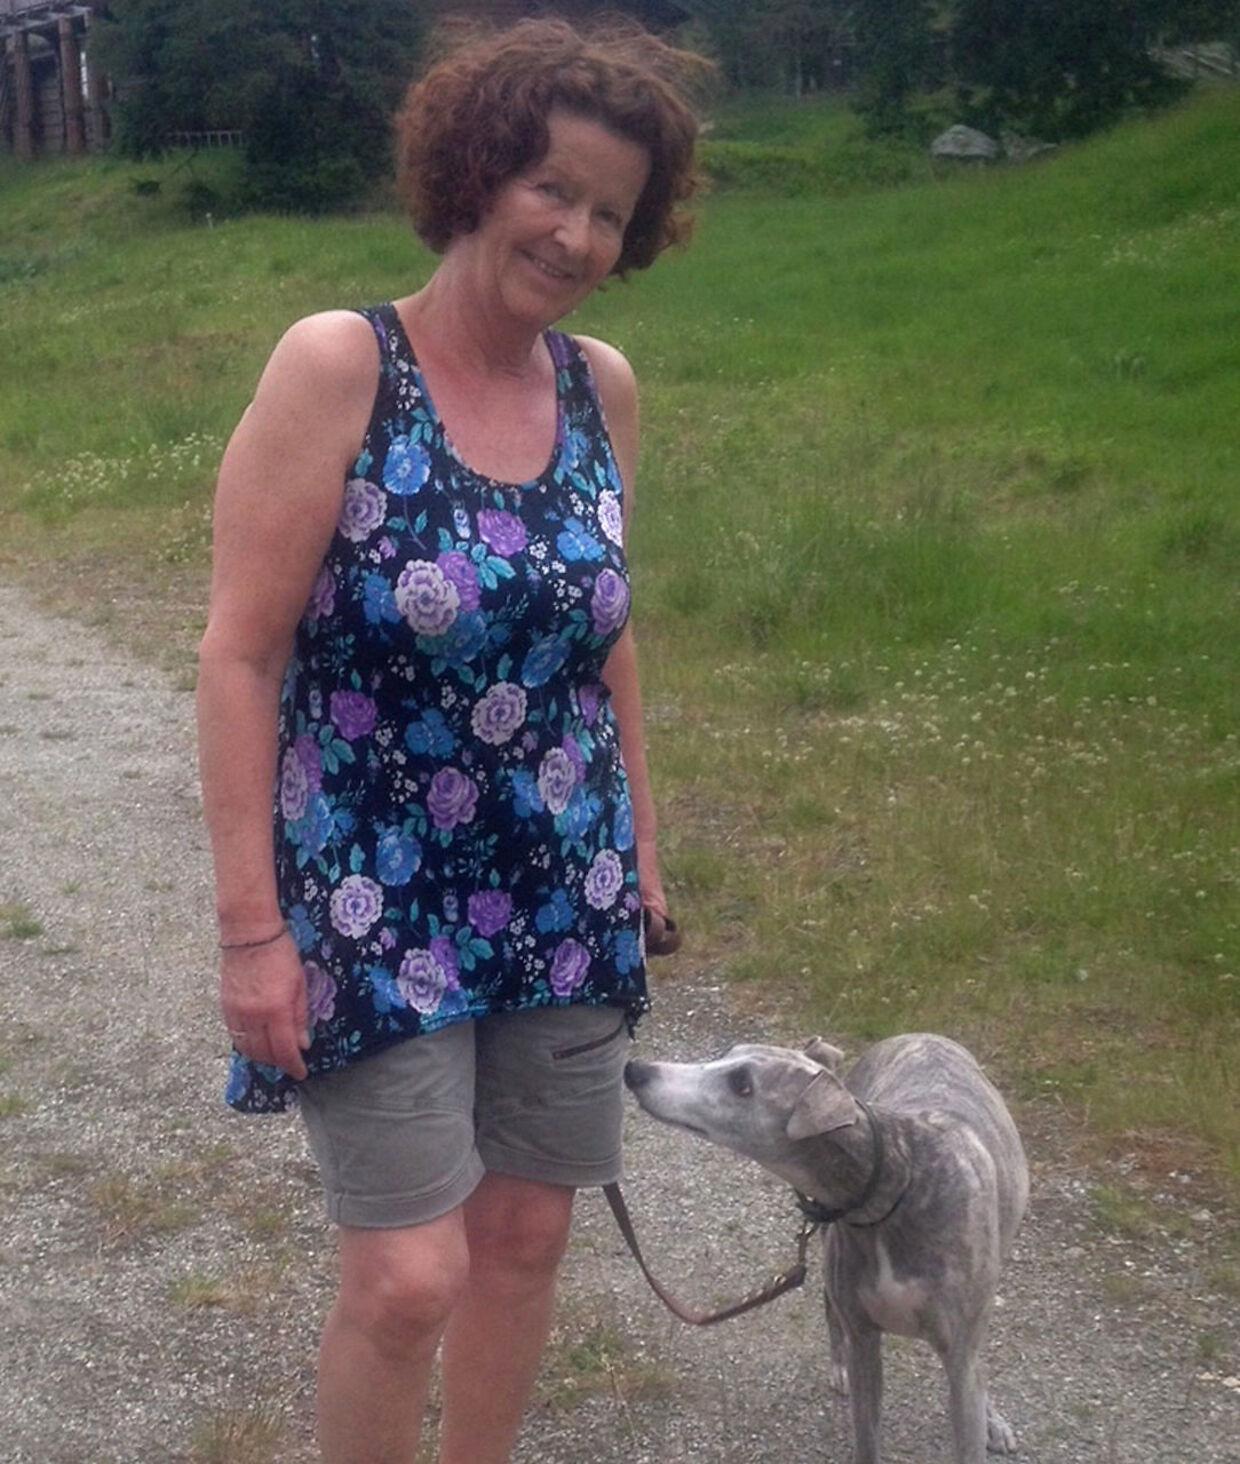 Anne-Elisabeth Hagen skulle ifølge kilder være vild med hunde. Her ses hun sammen med parrets gamle hund. Kort før hun forsvandt, havde de fået en ny hvalp af samme race.